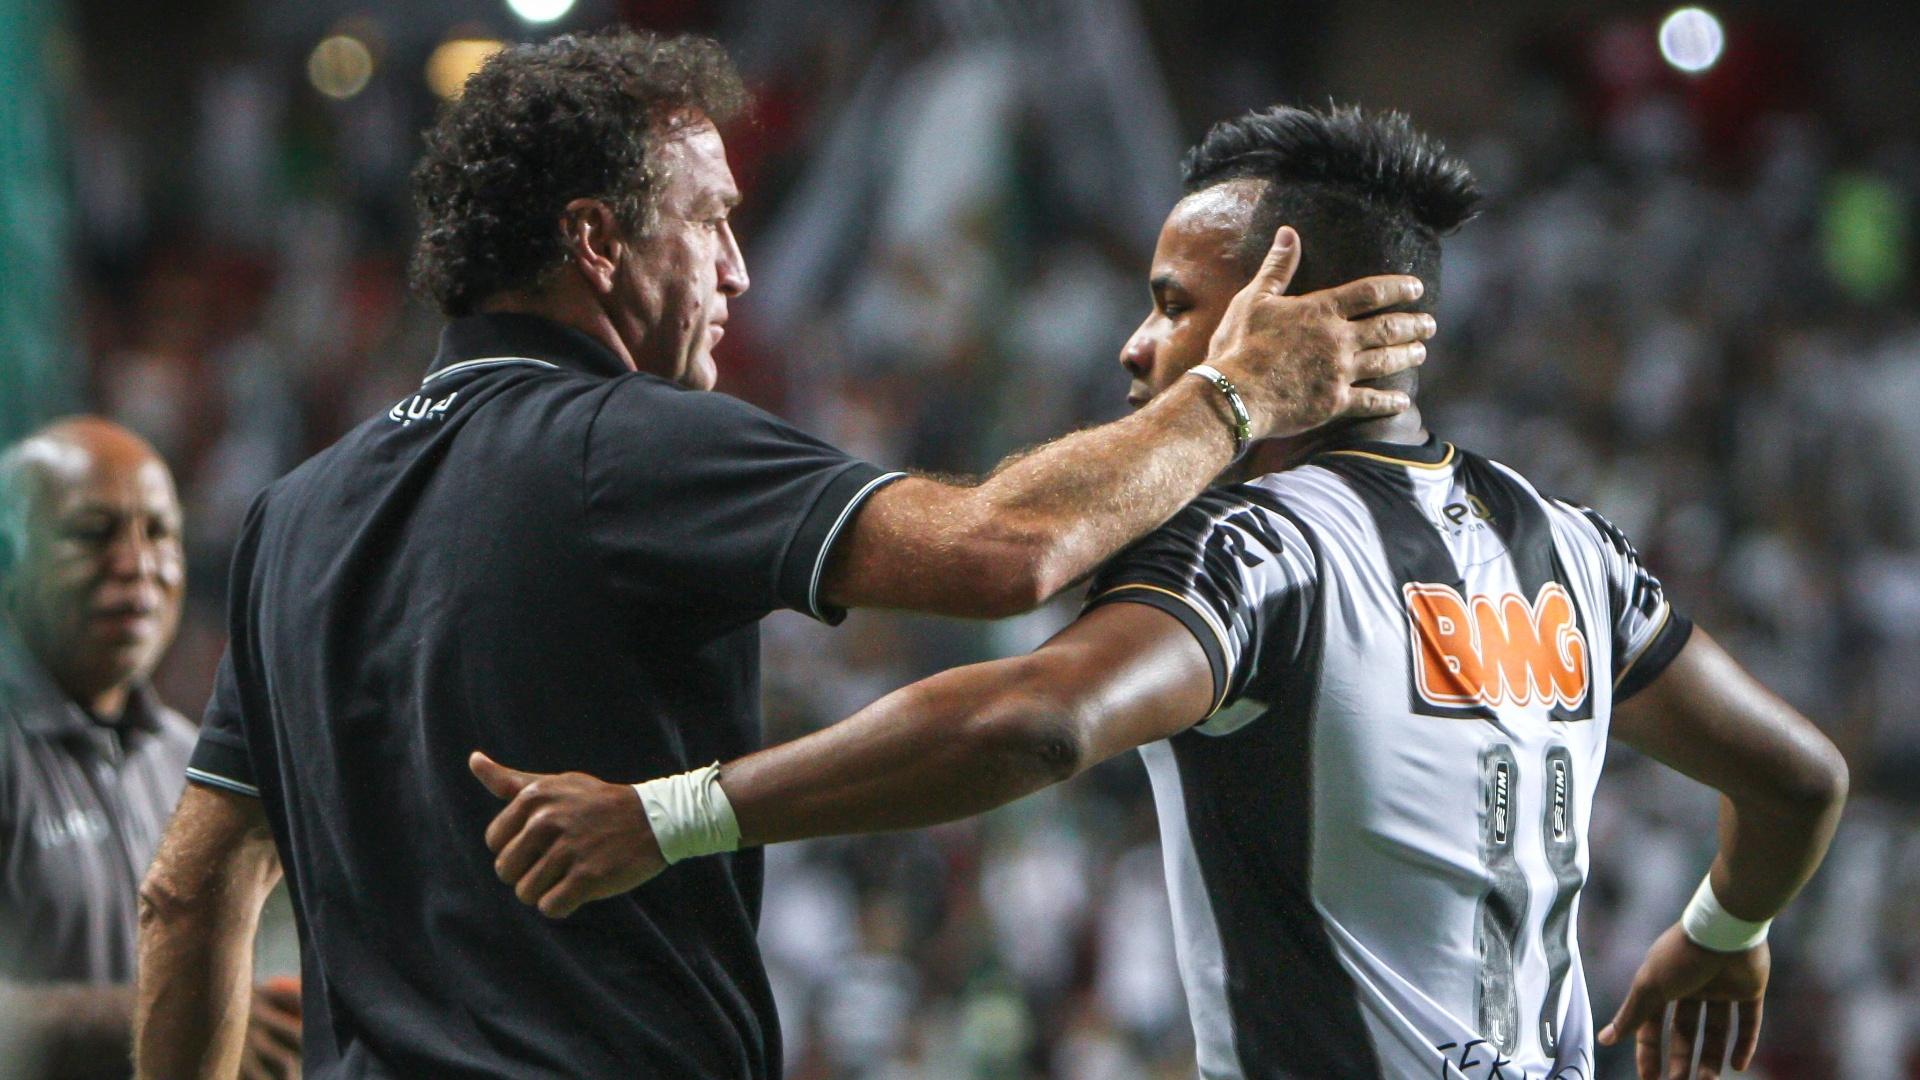 Técnico Cuca cumprimenta o atacante Fernandinho durante goleada do Atlético-MG sobre o Goiás (23/11/2013)